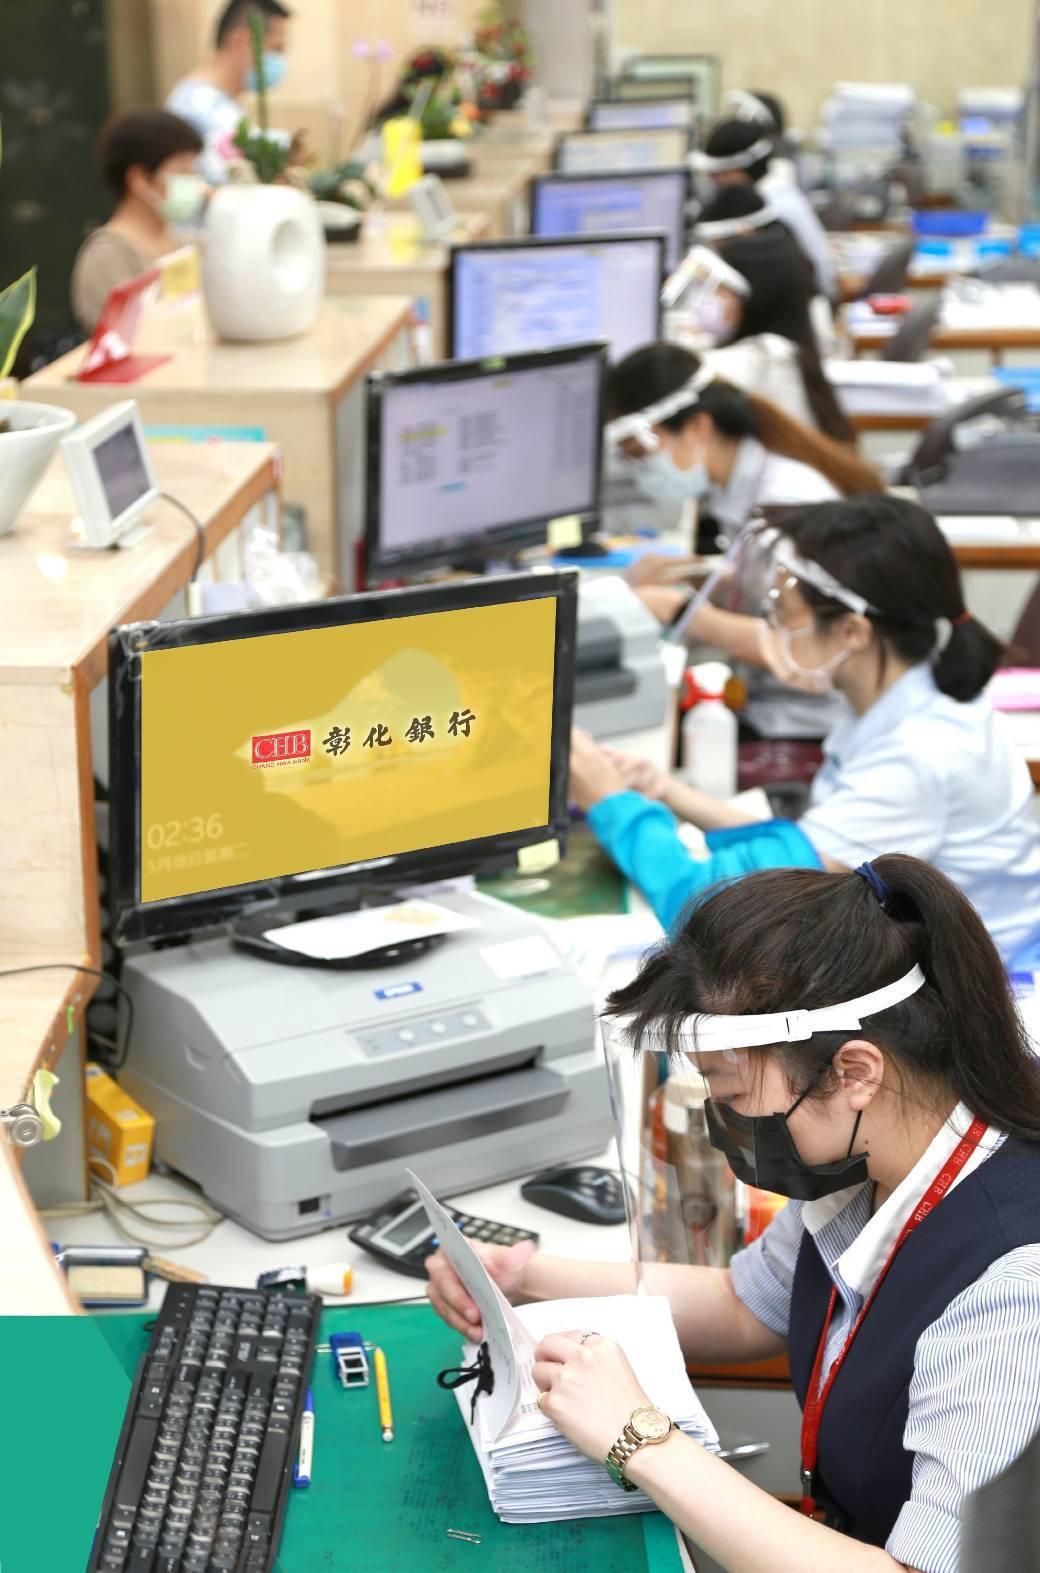 彰化銀行北部第一線員工即日起戴上防護面罩服務客戶。圖/彰化銀行提供